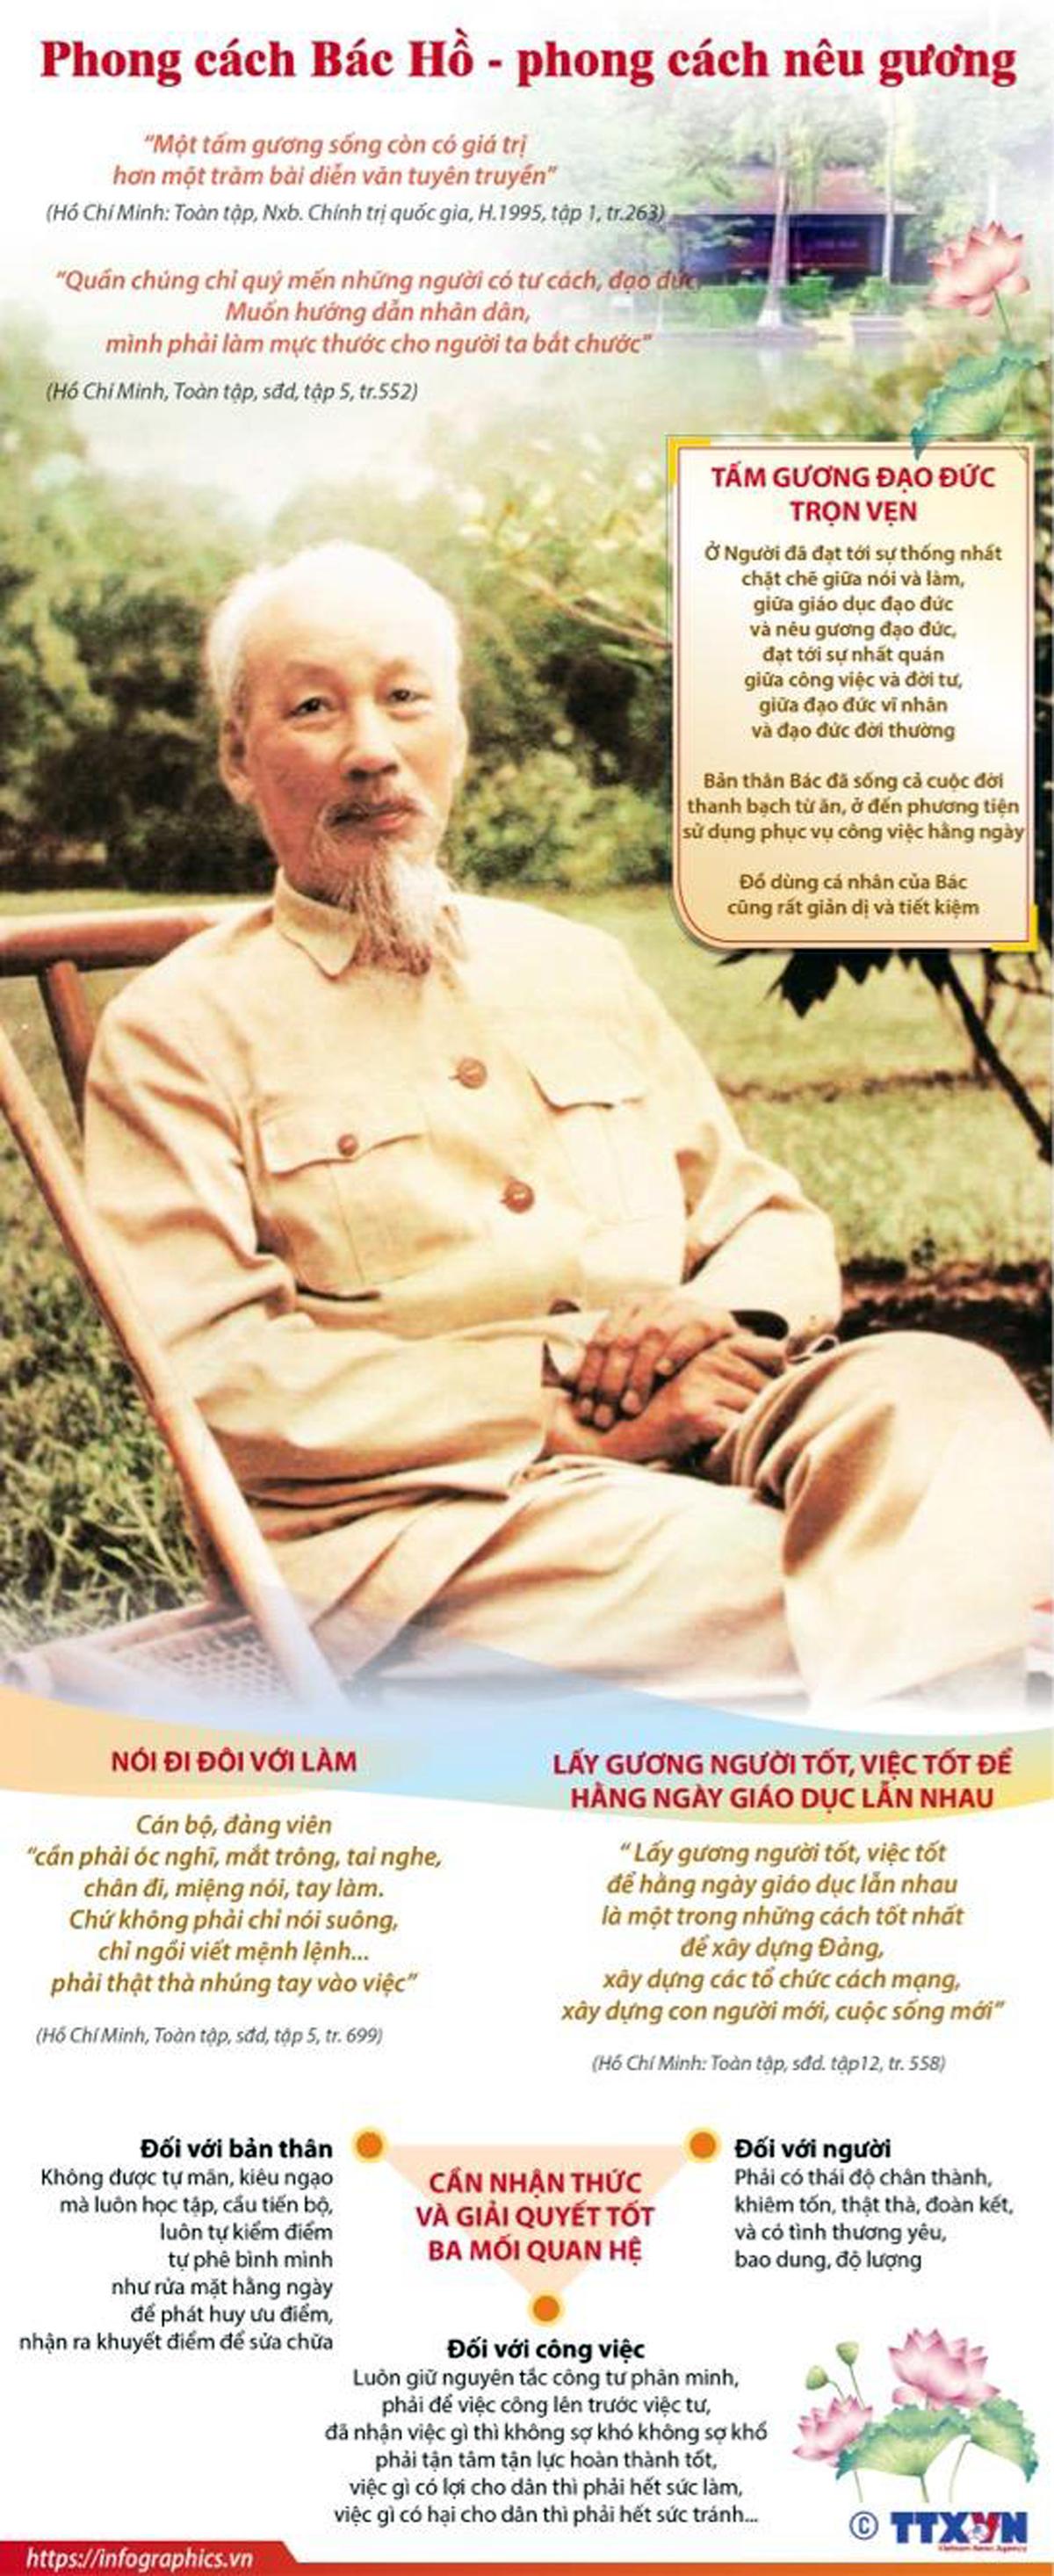 Chủ Tịch Hồ Chí Minh, Cán Bộ, Đảng Viên